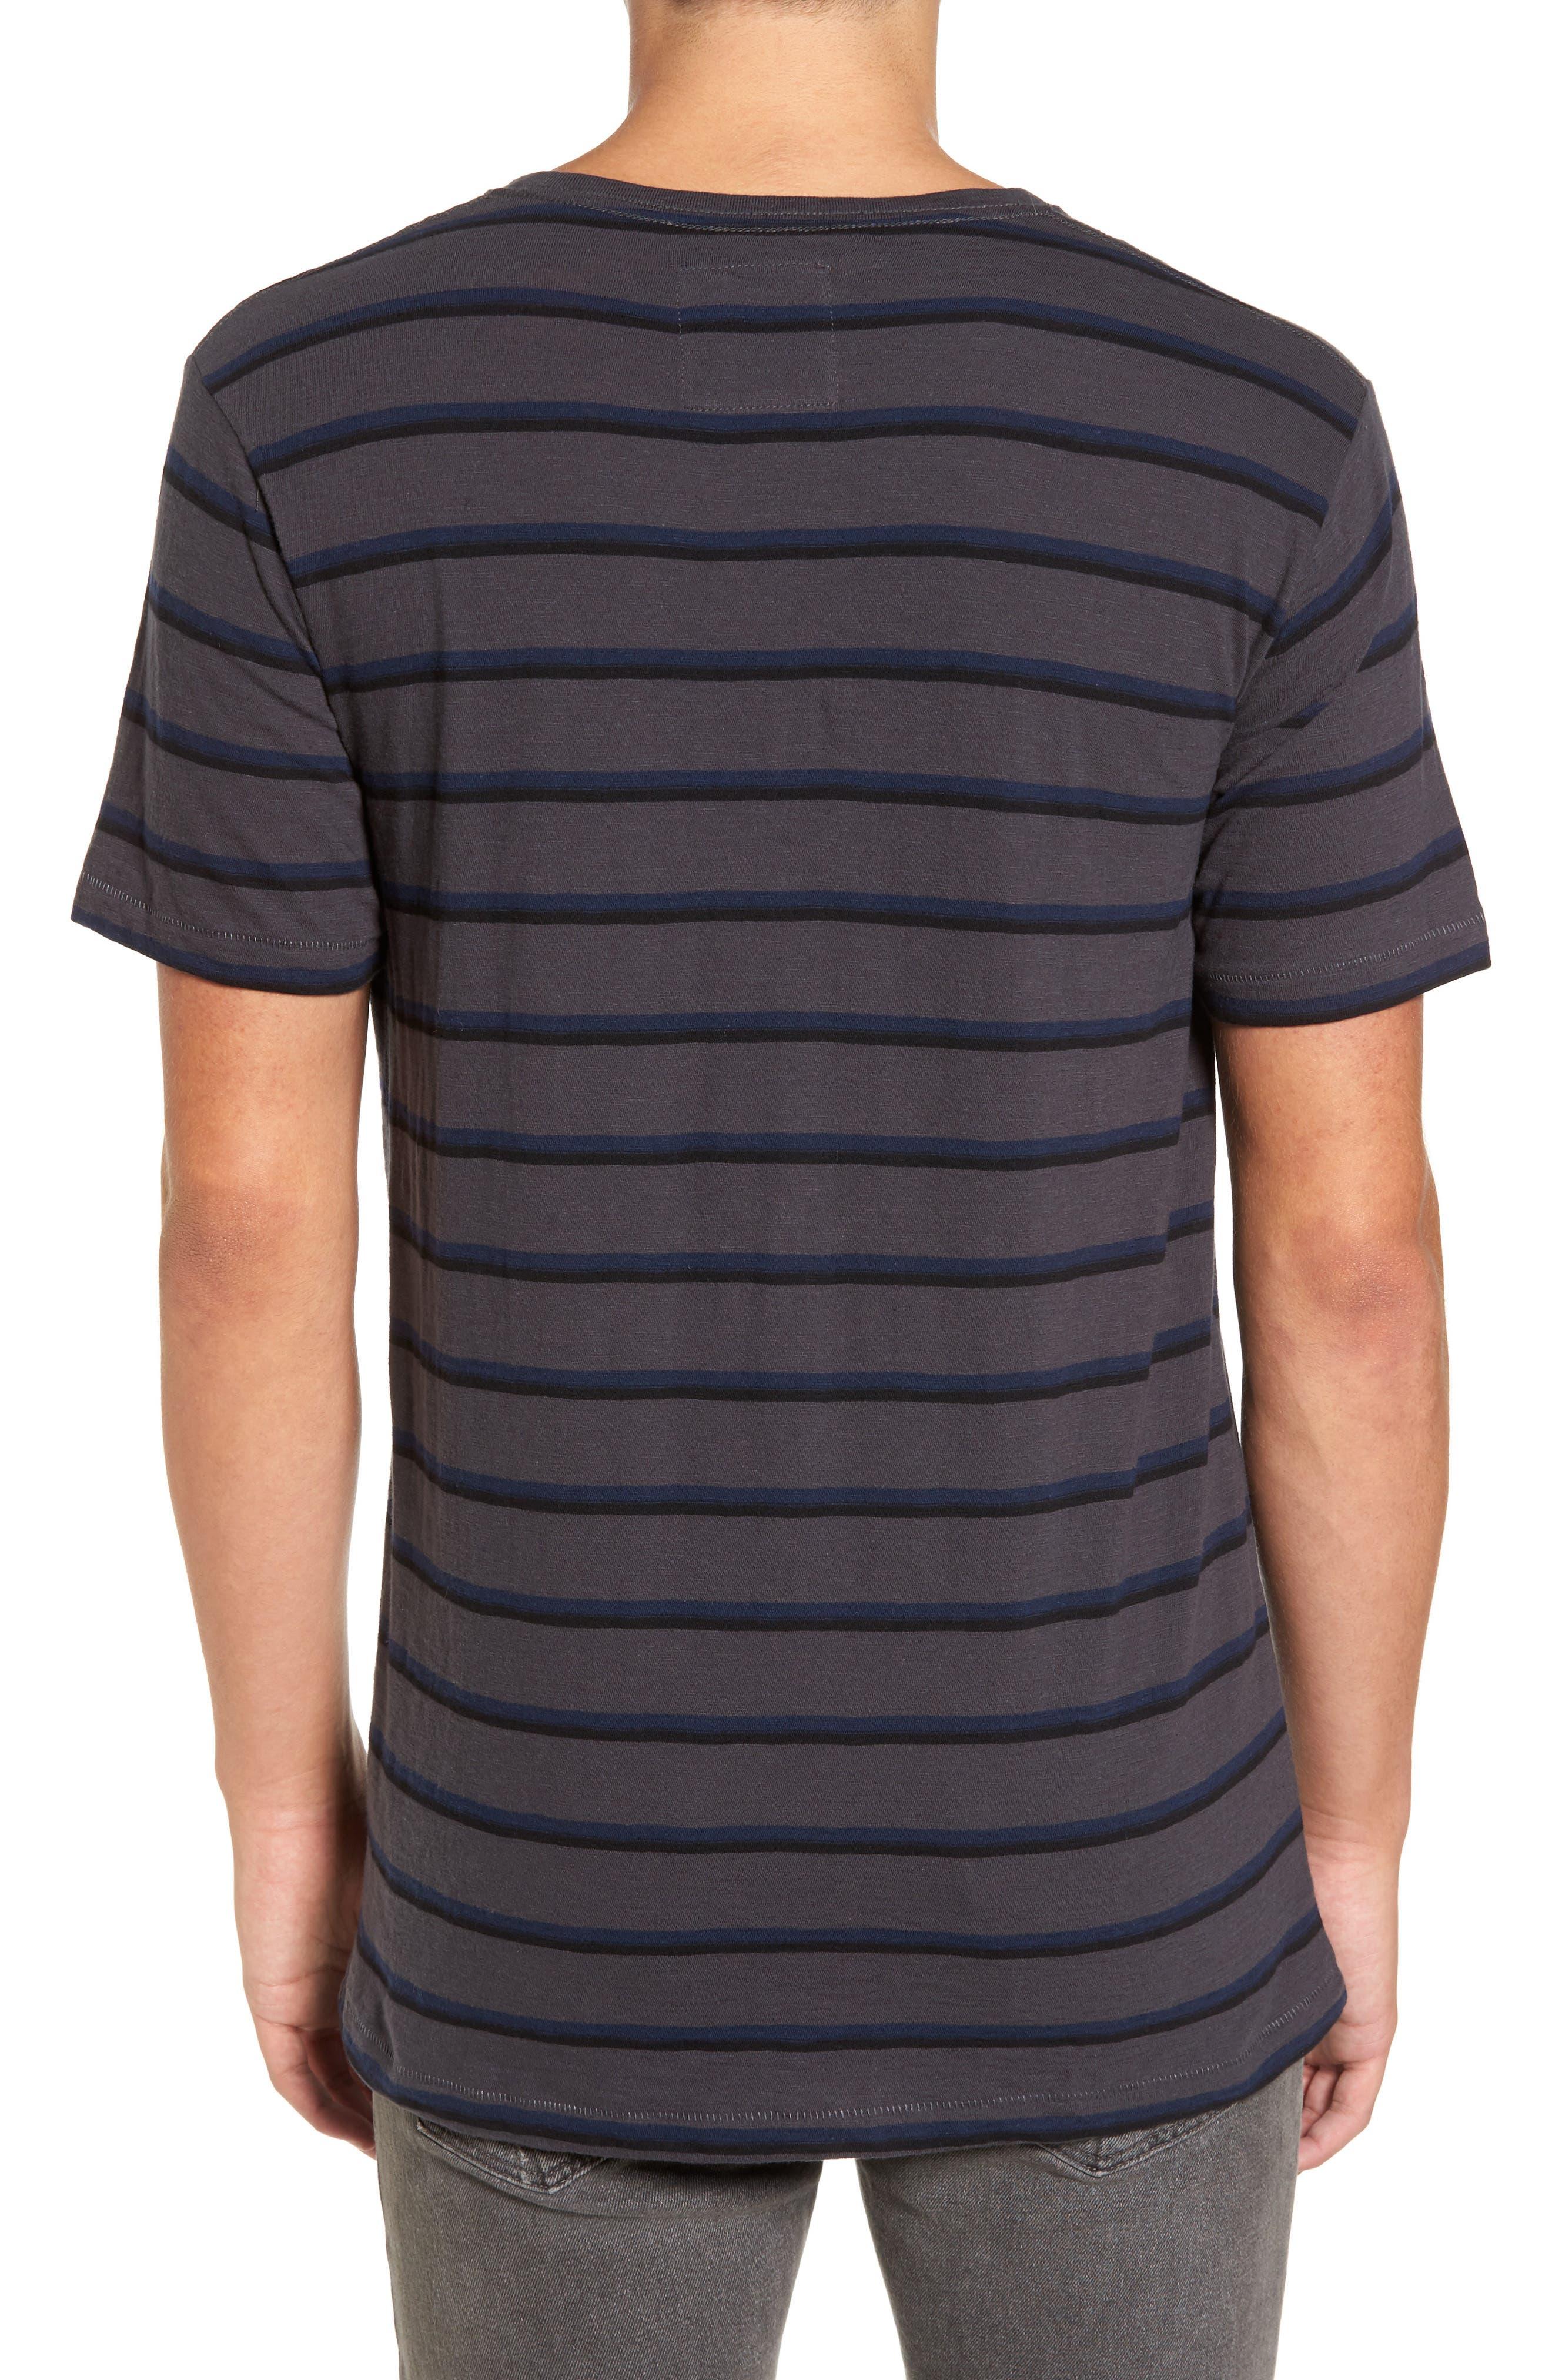 B. Thankful Striped T-Shirt,                             Alternate thumbnail 2, color,                             Black Stripe